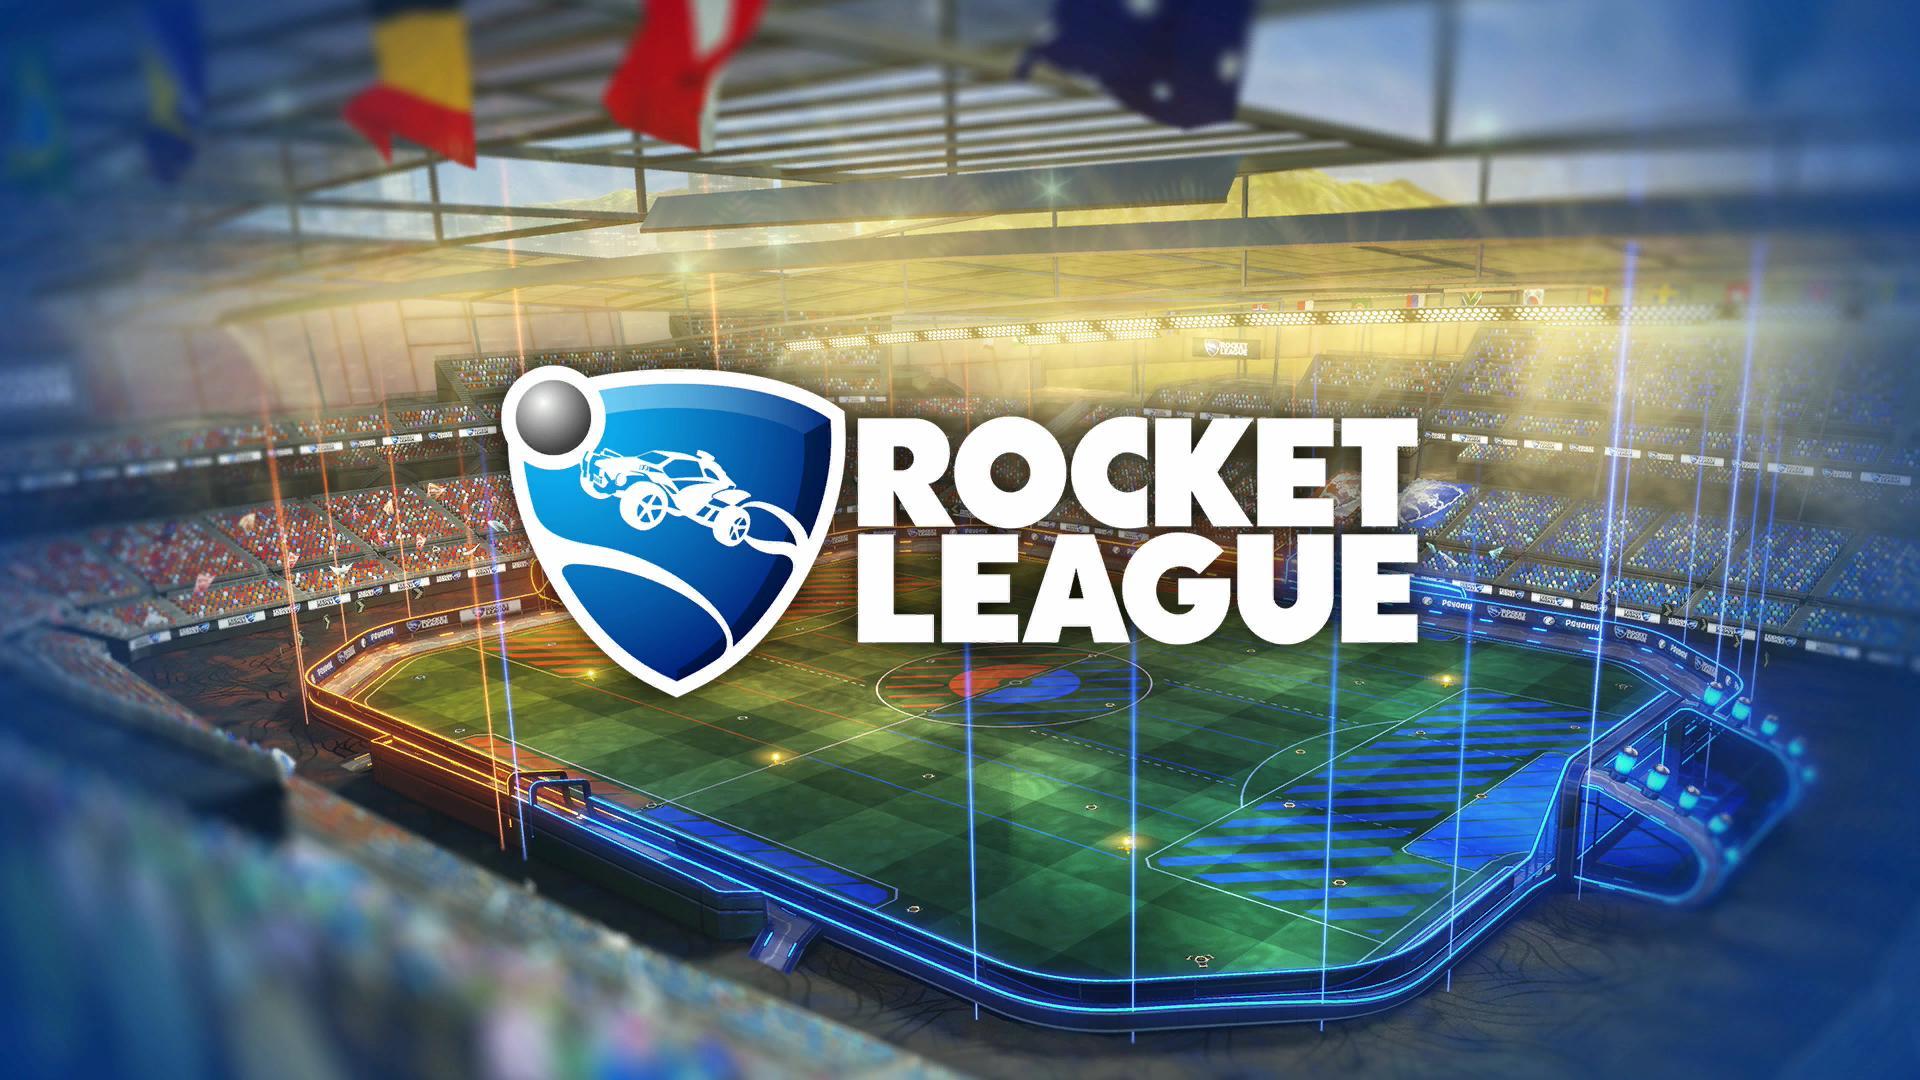 بازی Rocket League بیش از 8 میلیون نسخه فروش داشته است و دارای بیش از 22 میلیون کاربر میباشد